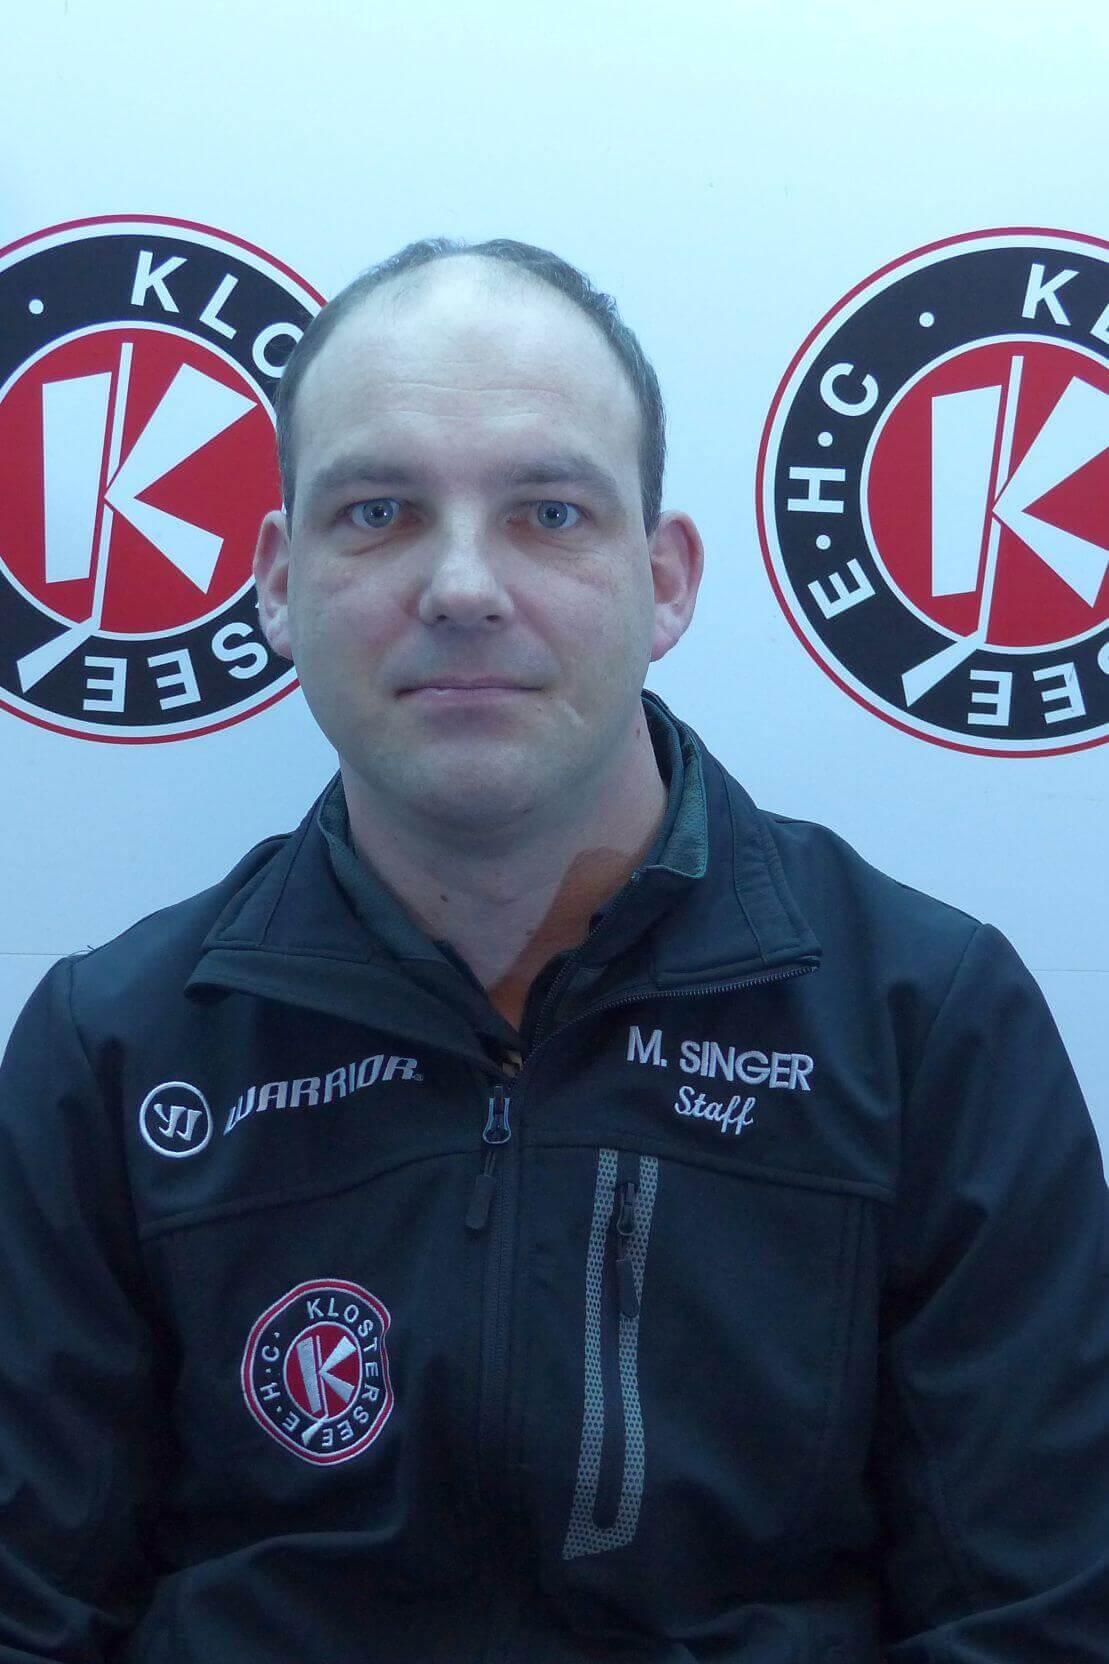 Martin Singer